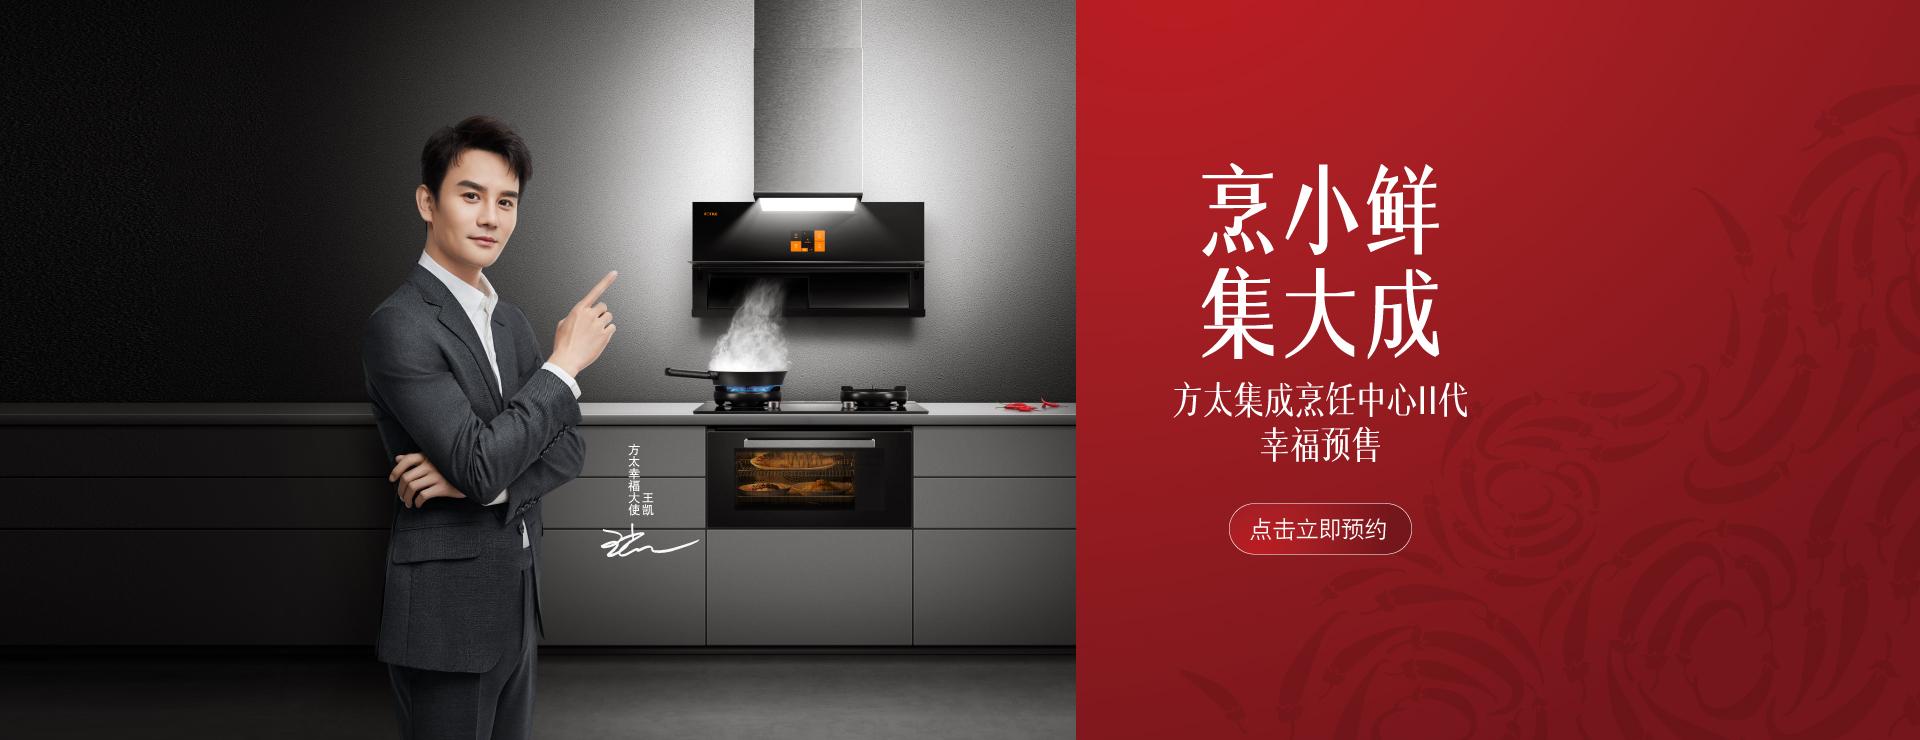 集成烹飪中心2.0新品上市